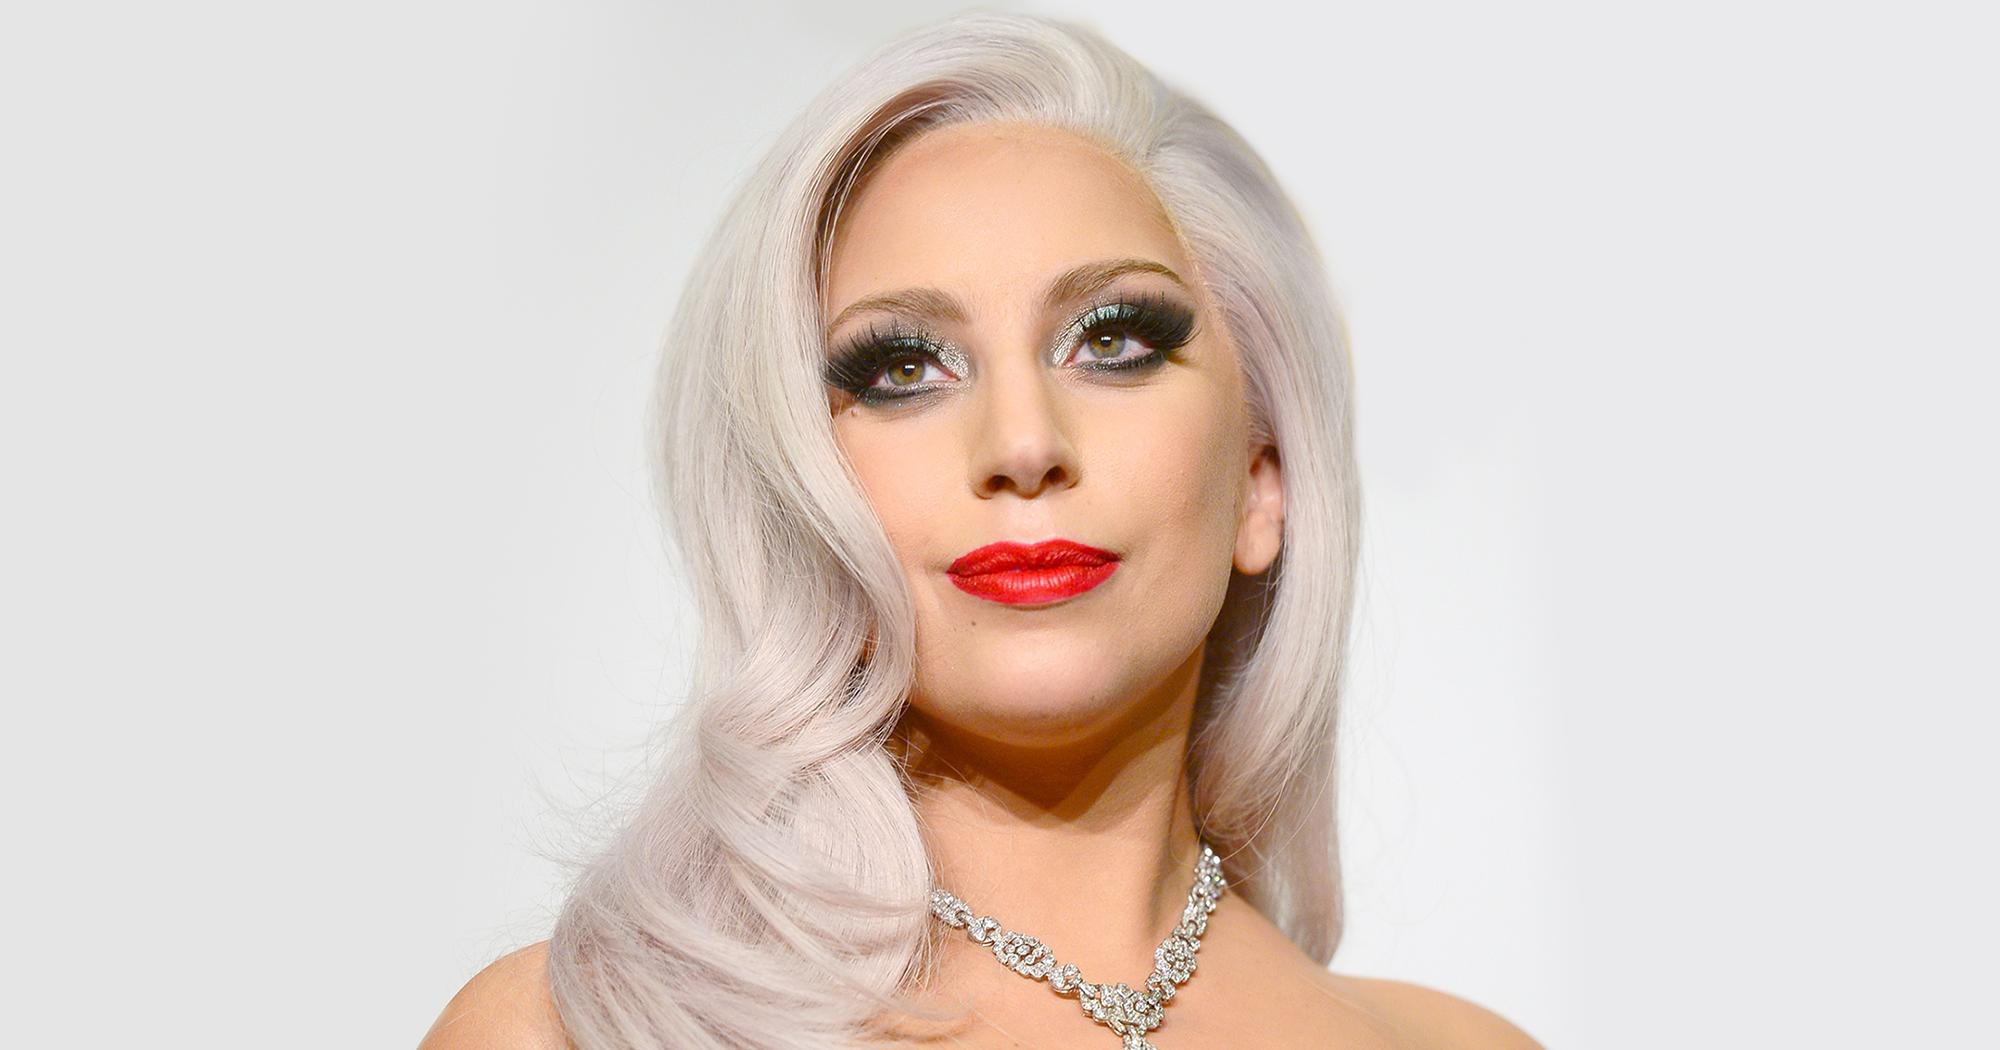 Lady Gaga Net Worth 2019 After A Star Is Born, Grammys